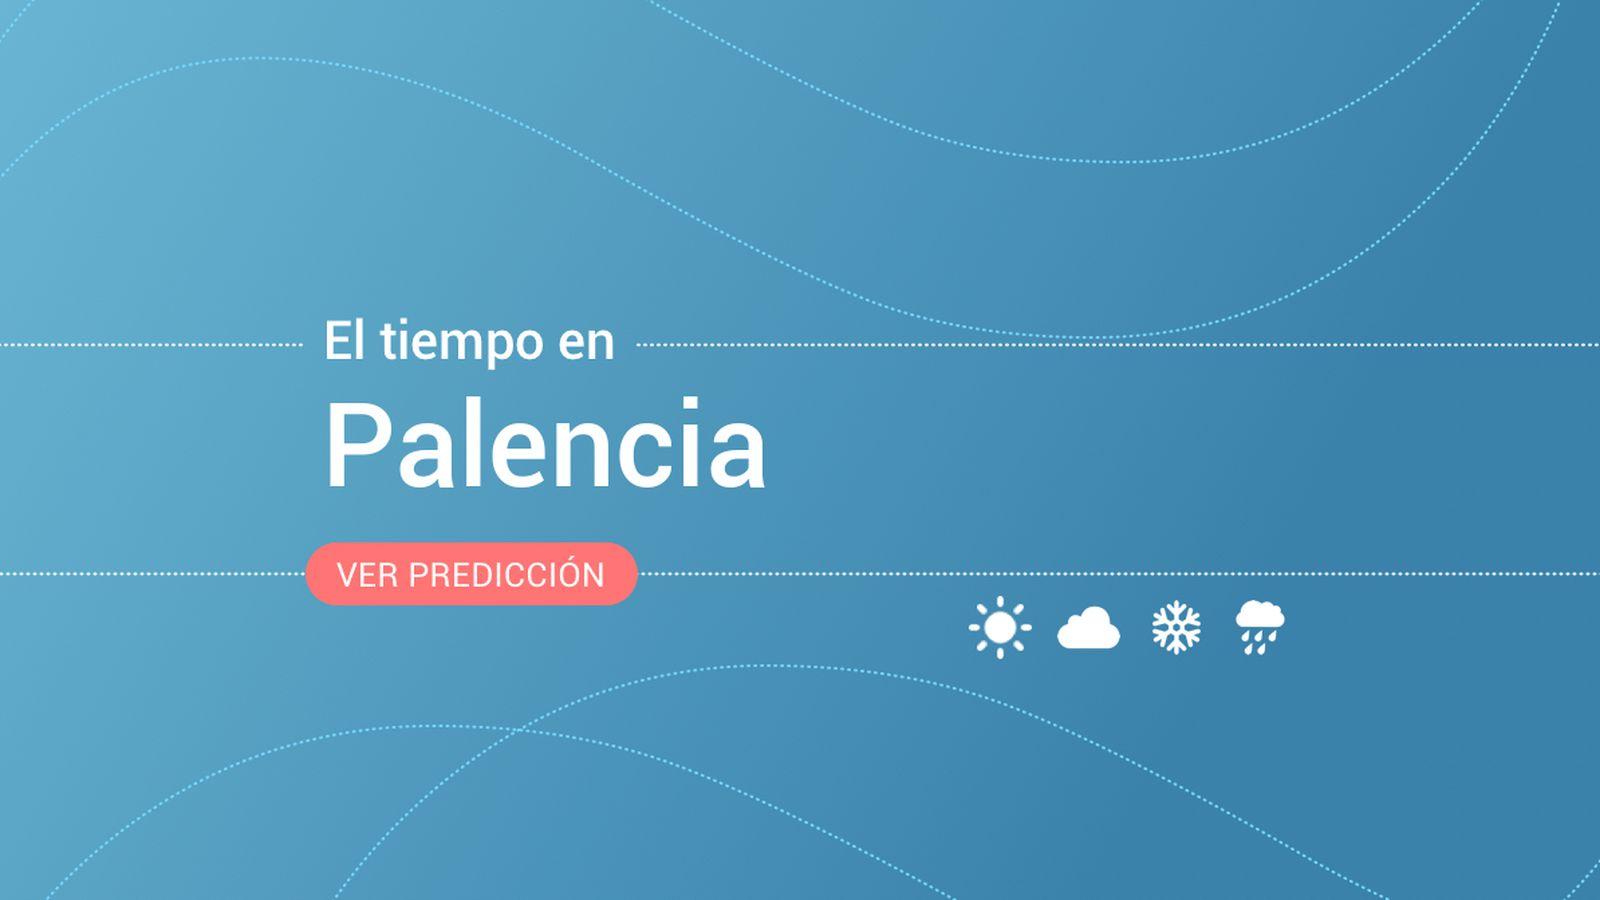 Foto: El tiempo en Palencia. (EC)